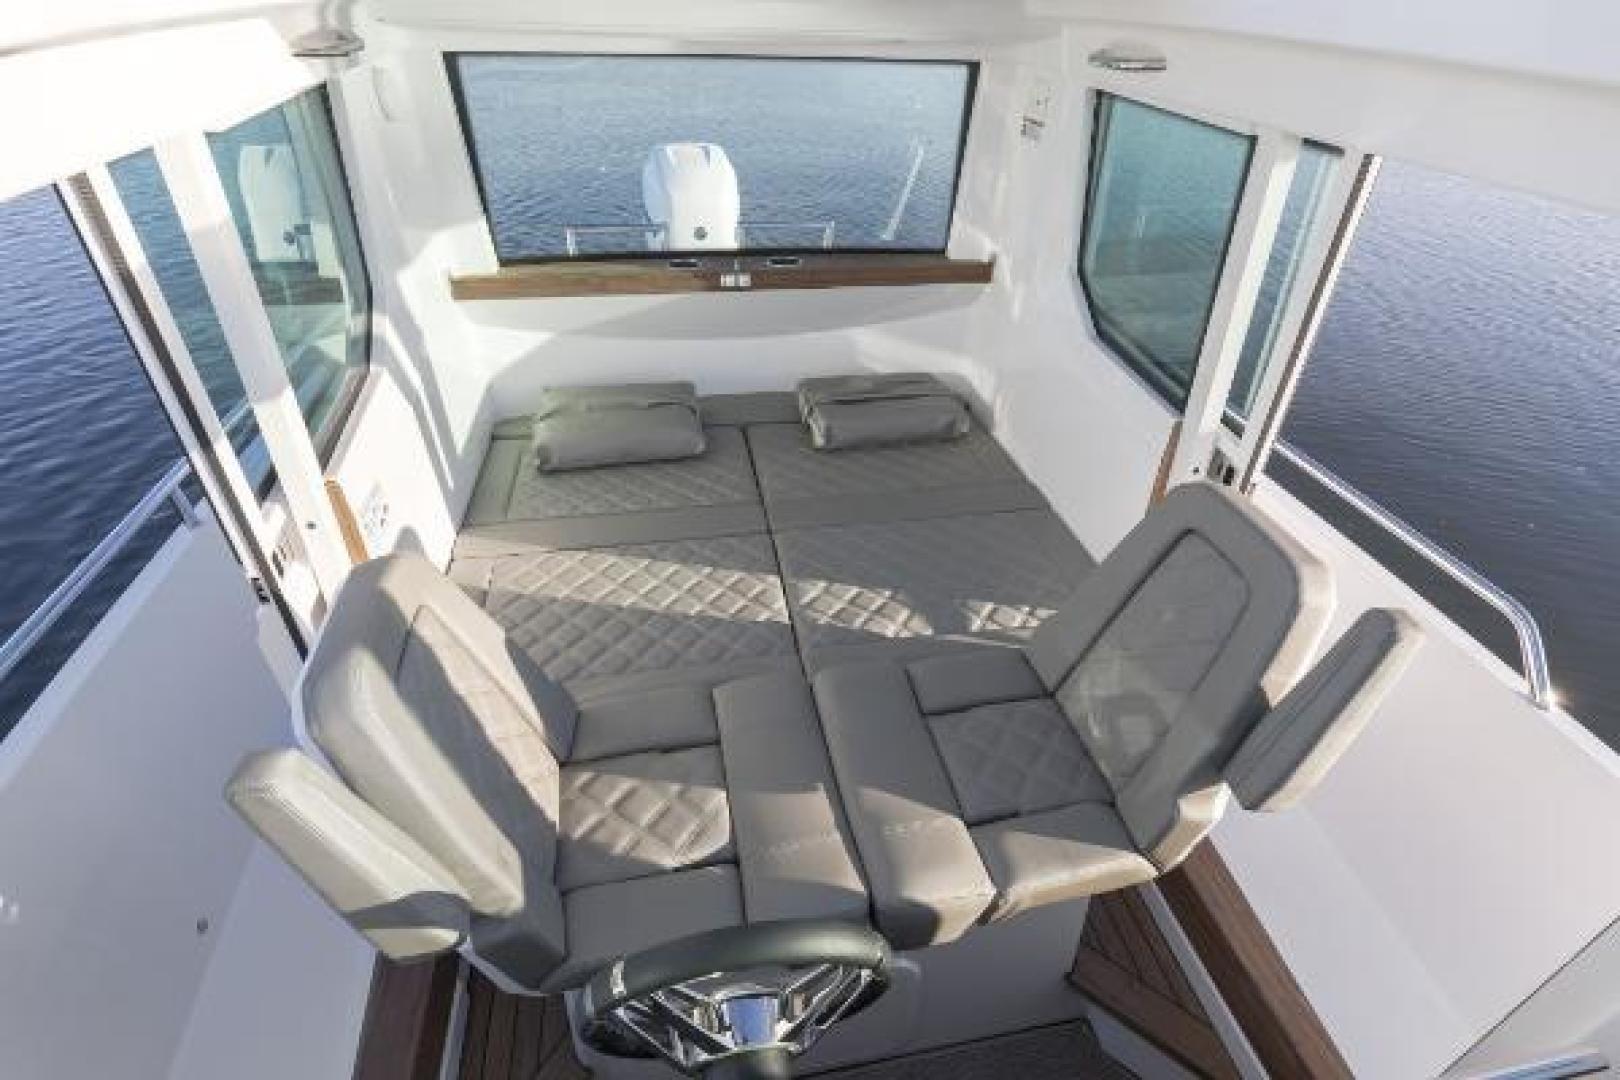 Axopar-28 CABIN 2021-Axopar 28 CABIN Palm Beach-Florida-United States-1531657 | Thumbnail